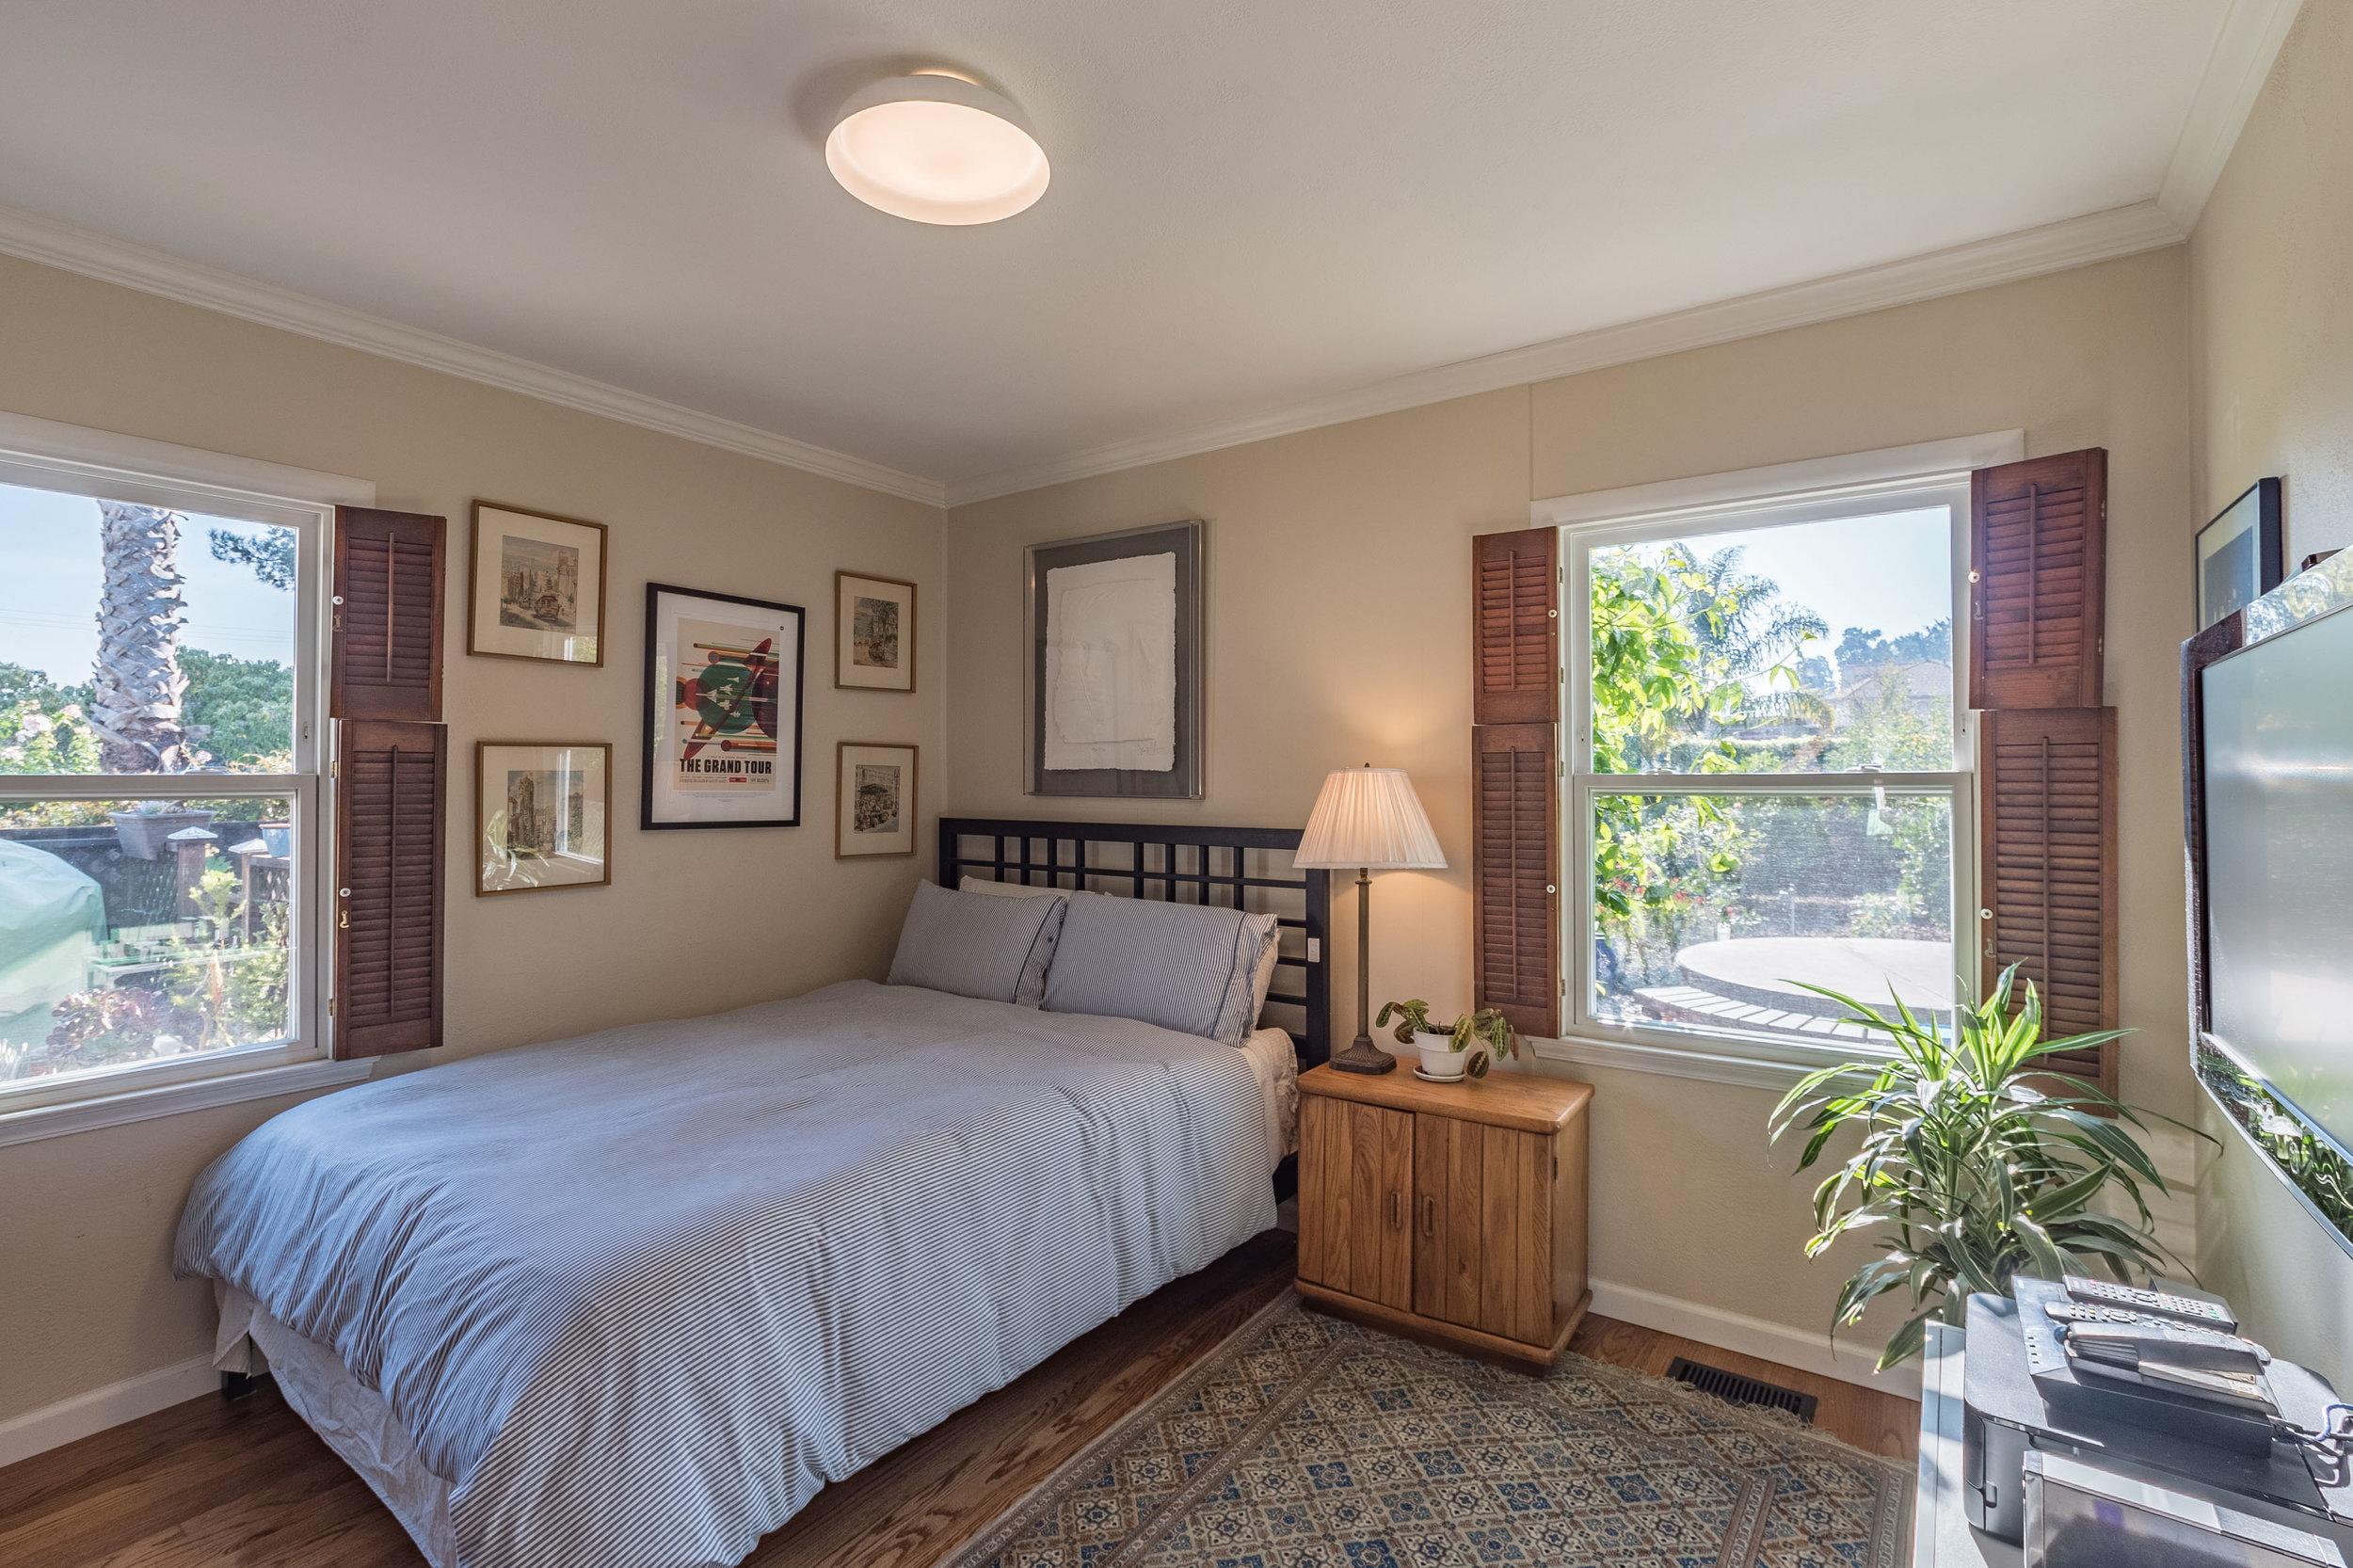 3 Bedroom Home for Sale in Santa Cruz